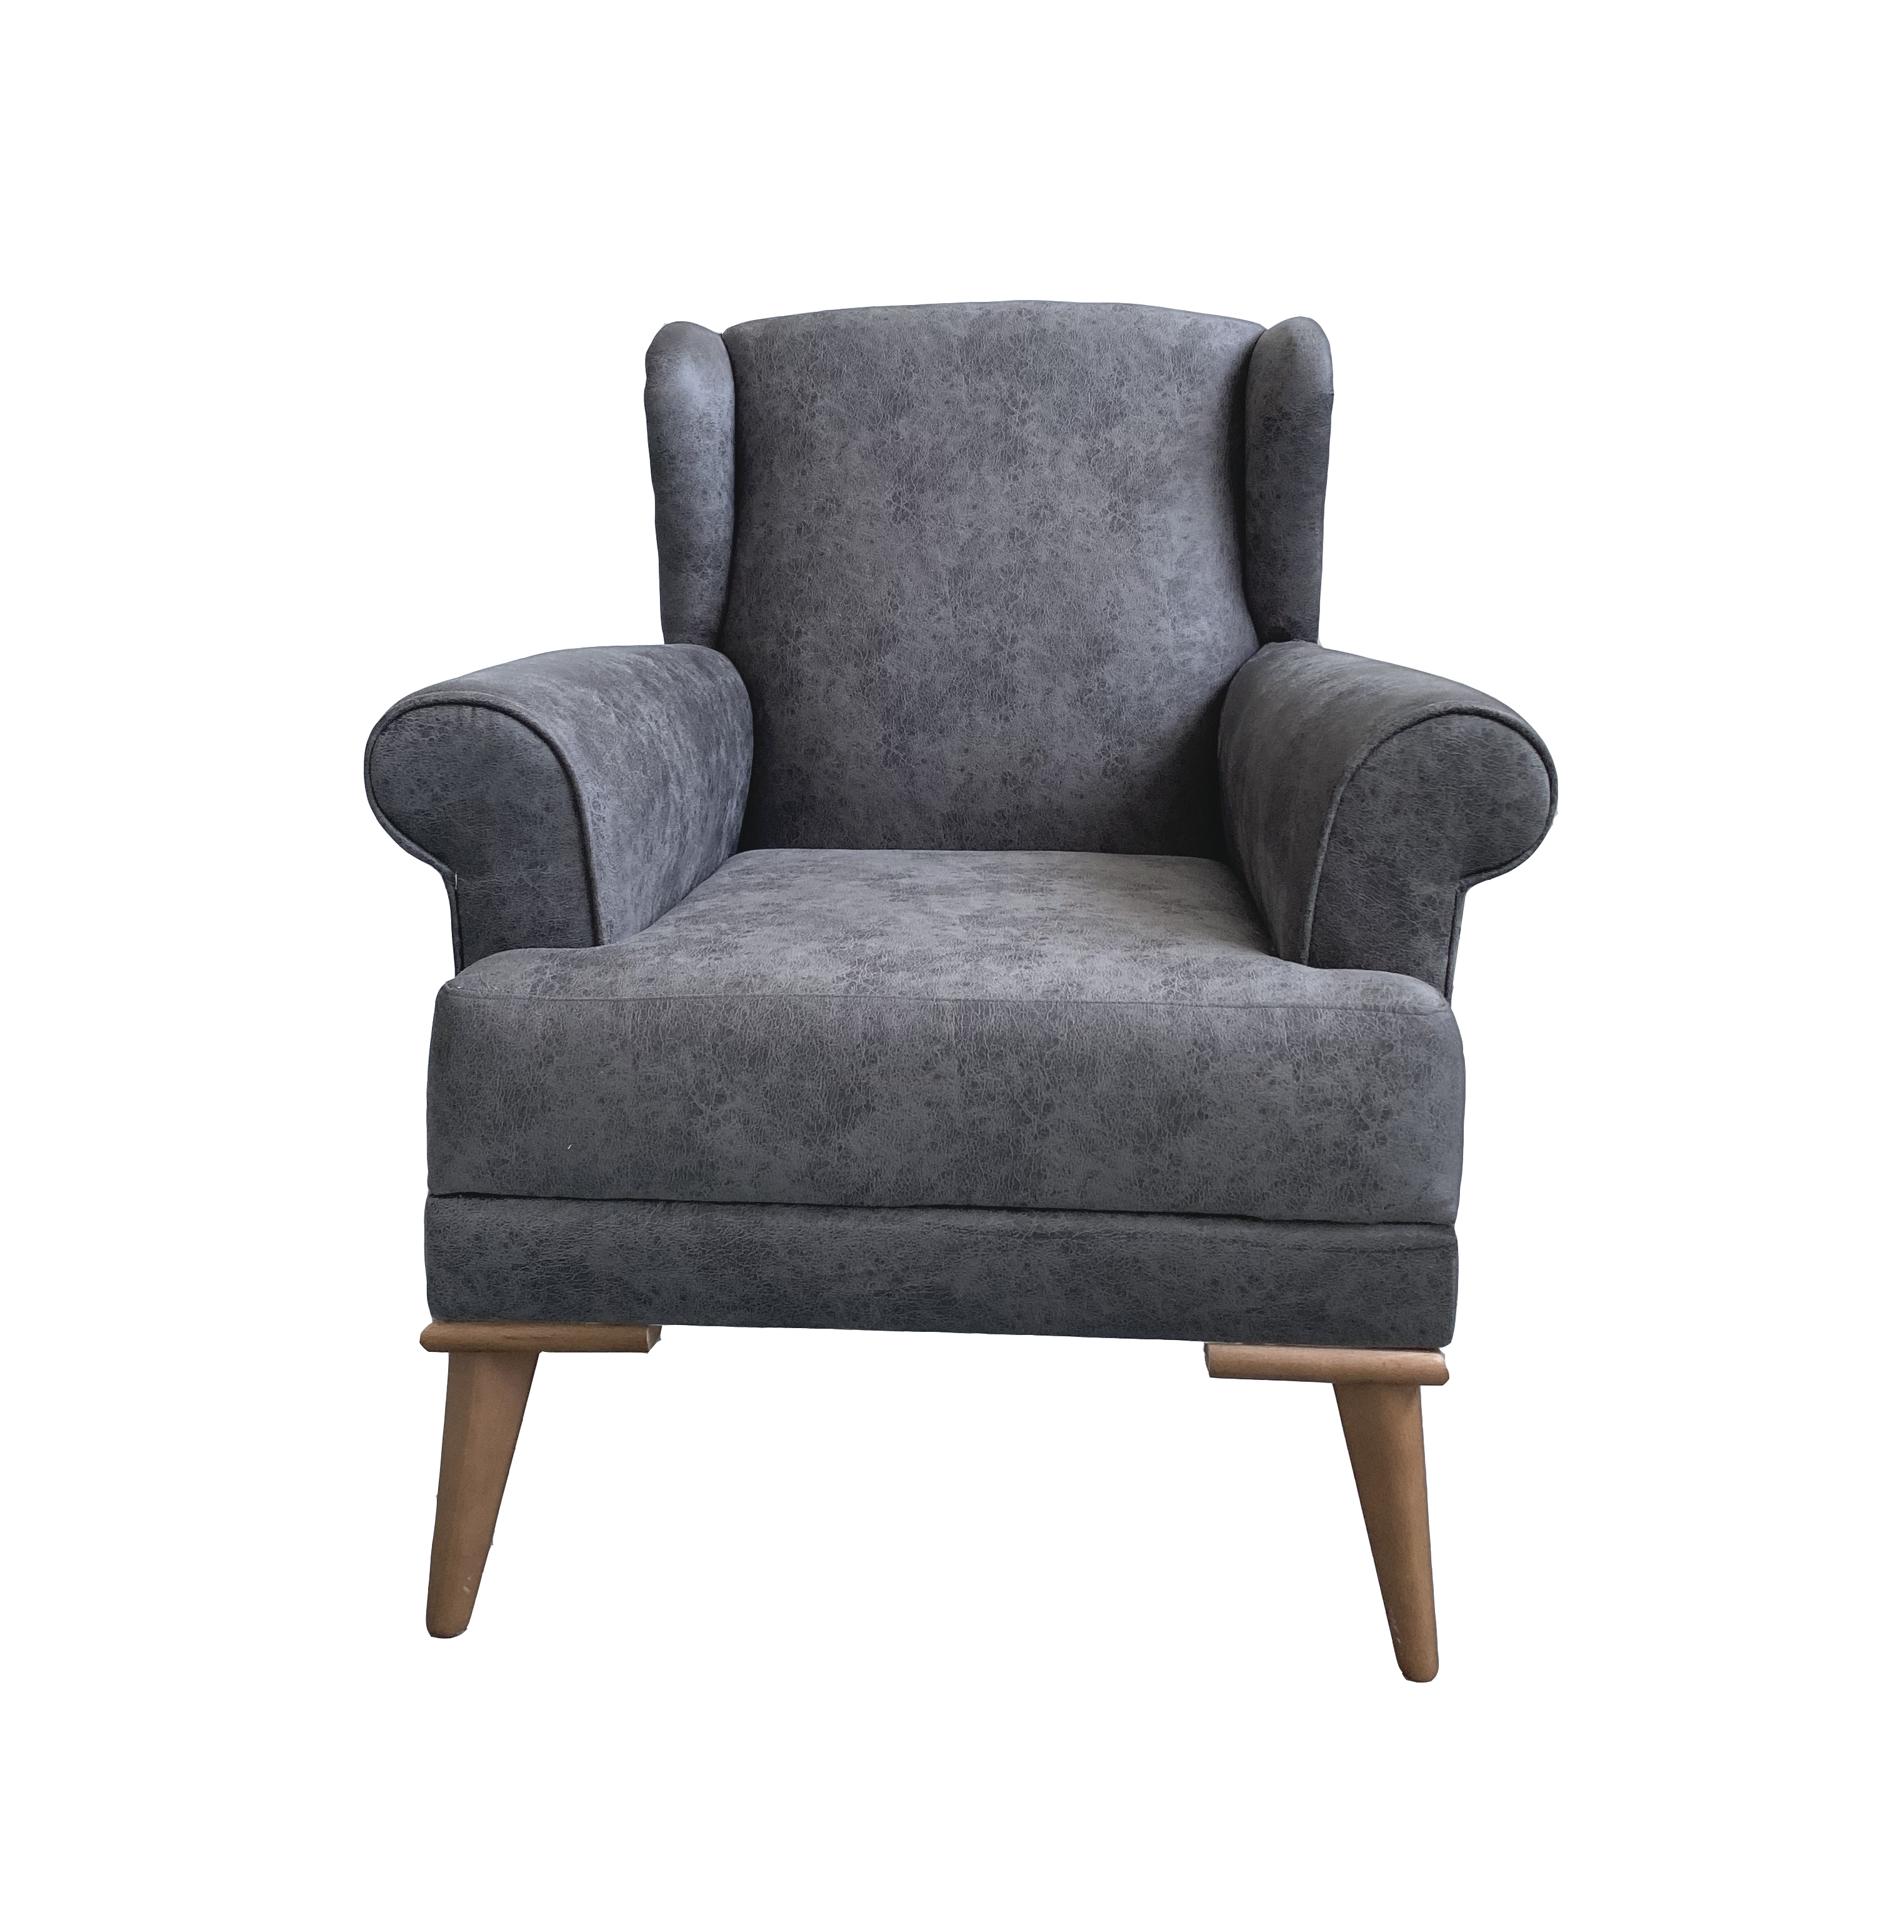 Picture of Karekol Chair